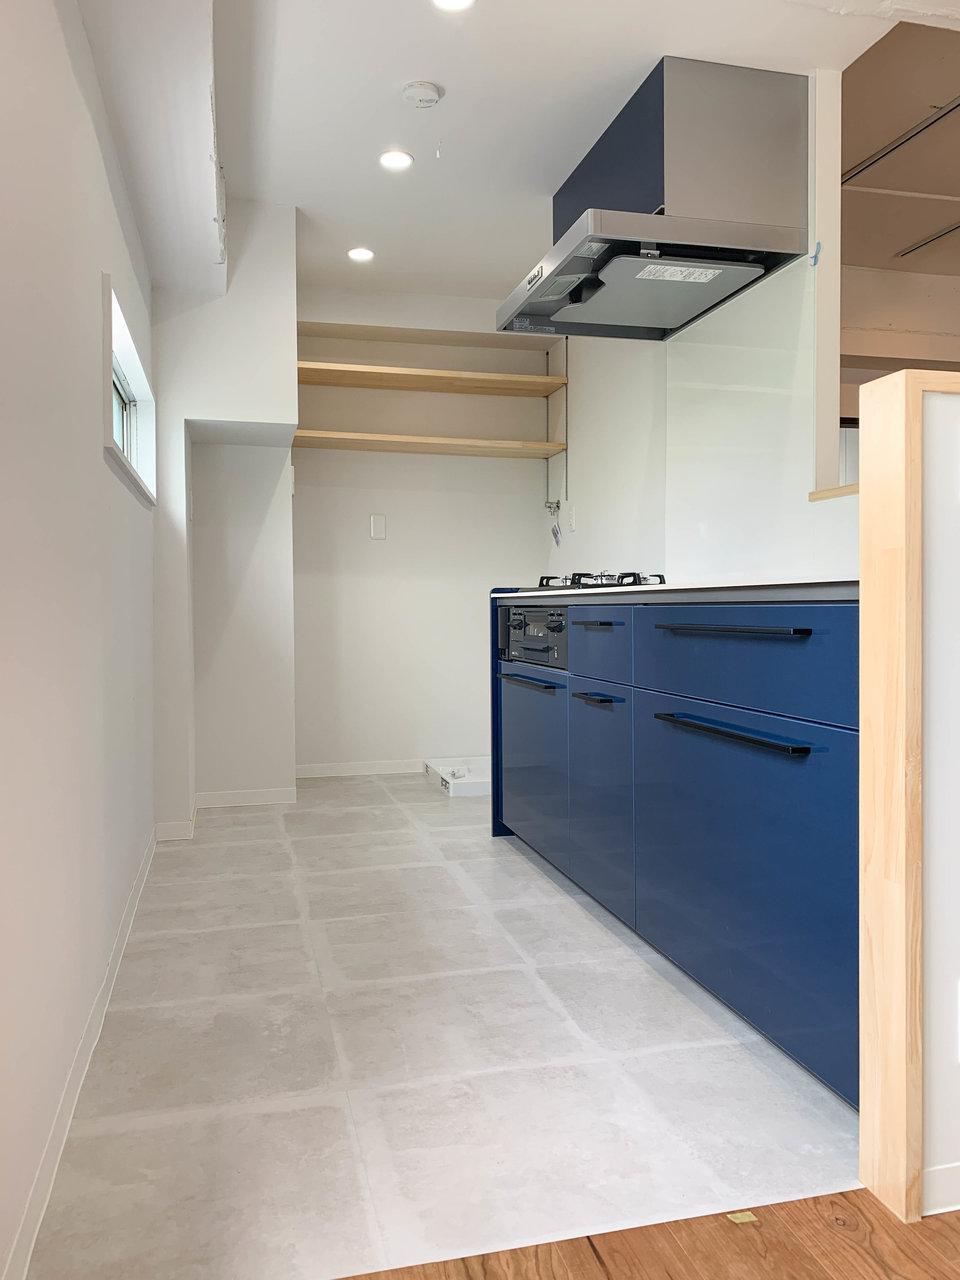 キッチンは床材が切り替わっていますね。シンクが広く、真っ白でキレイ。3口コンロ付きで全体的に幅もあって、作業がしやすそう。